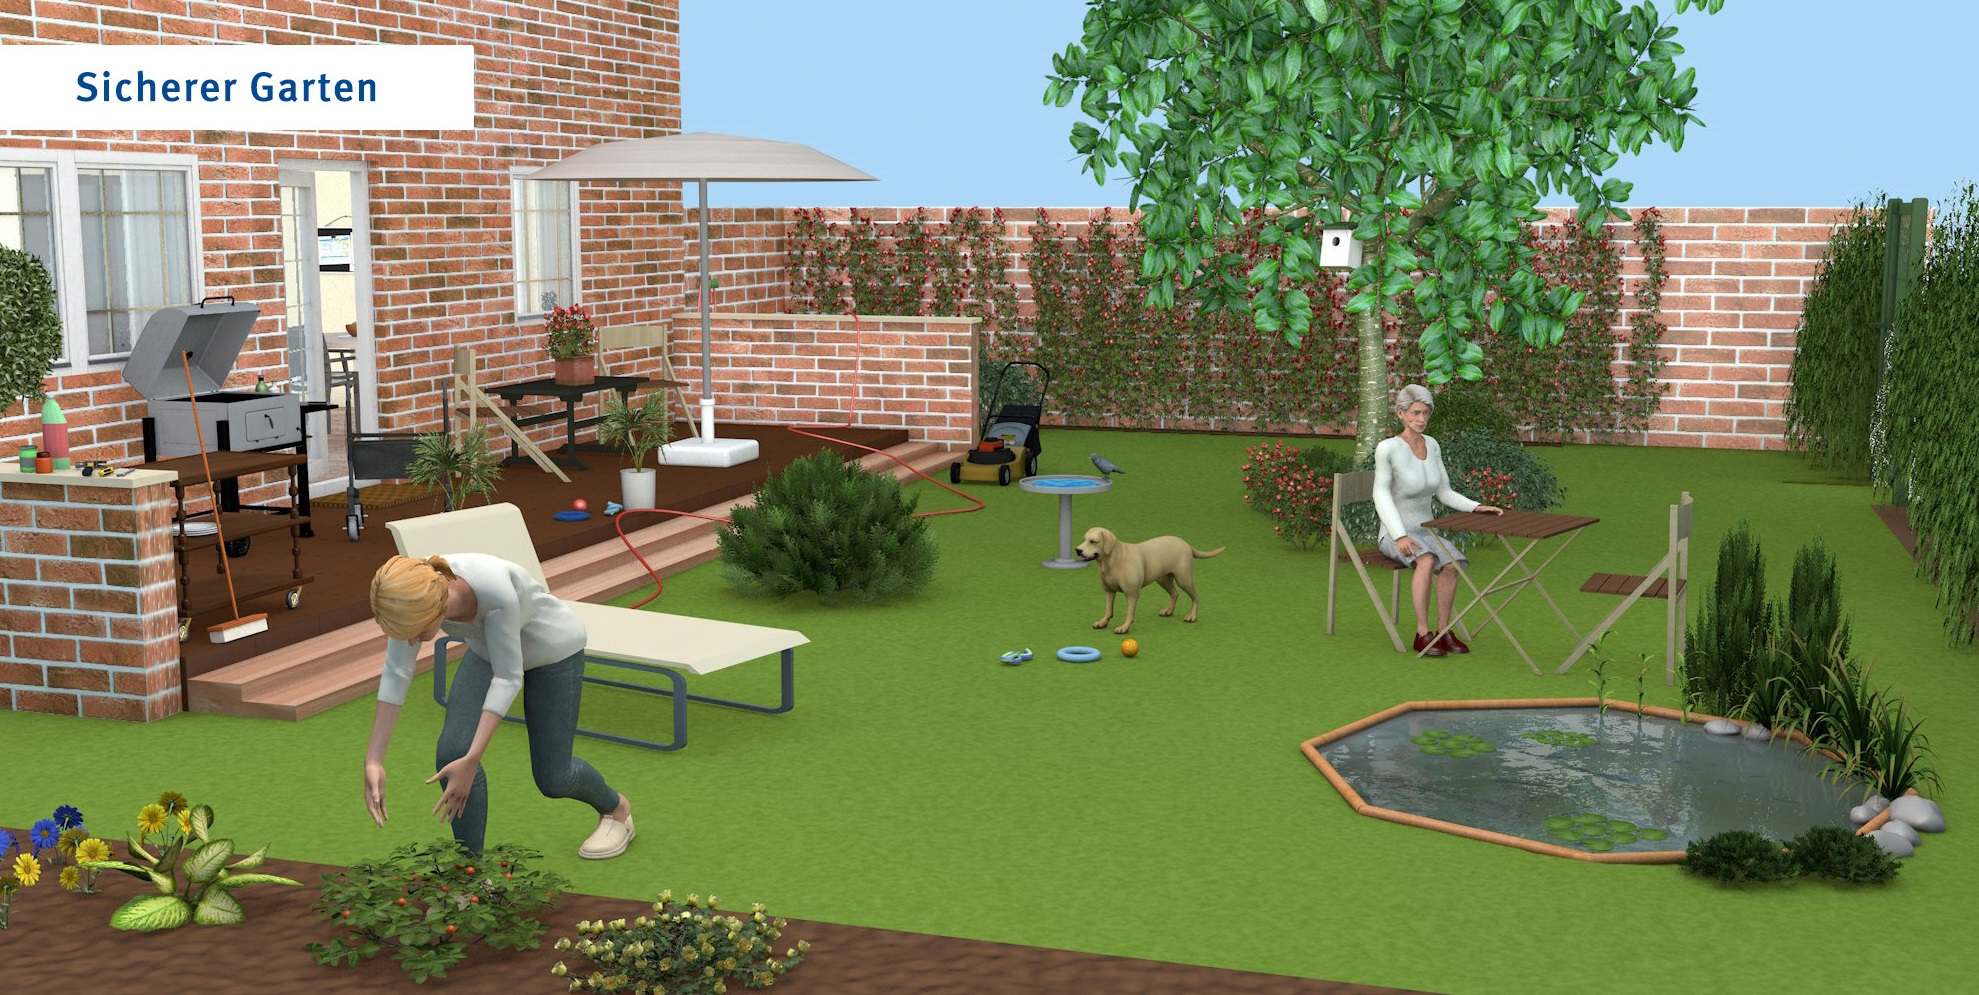 Garten - übliche Version